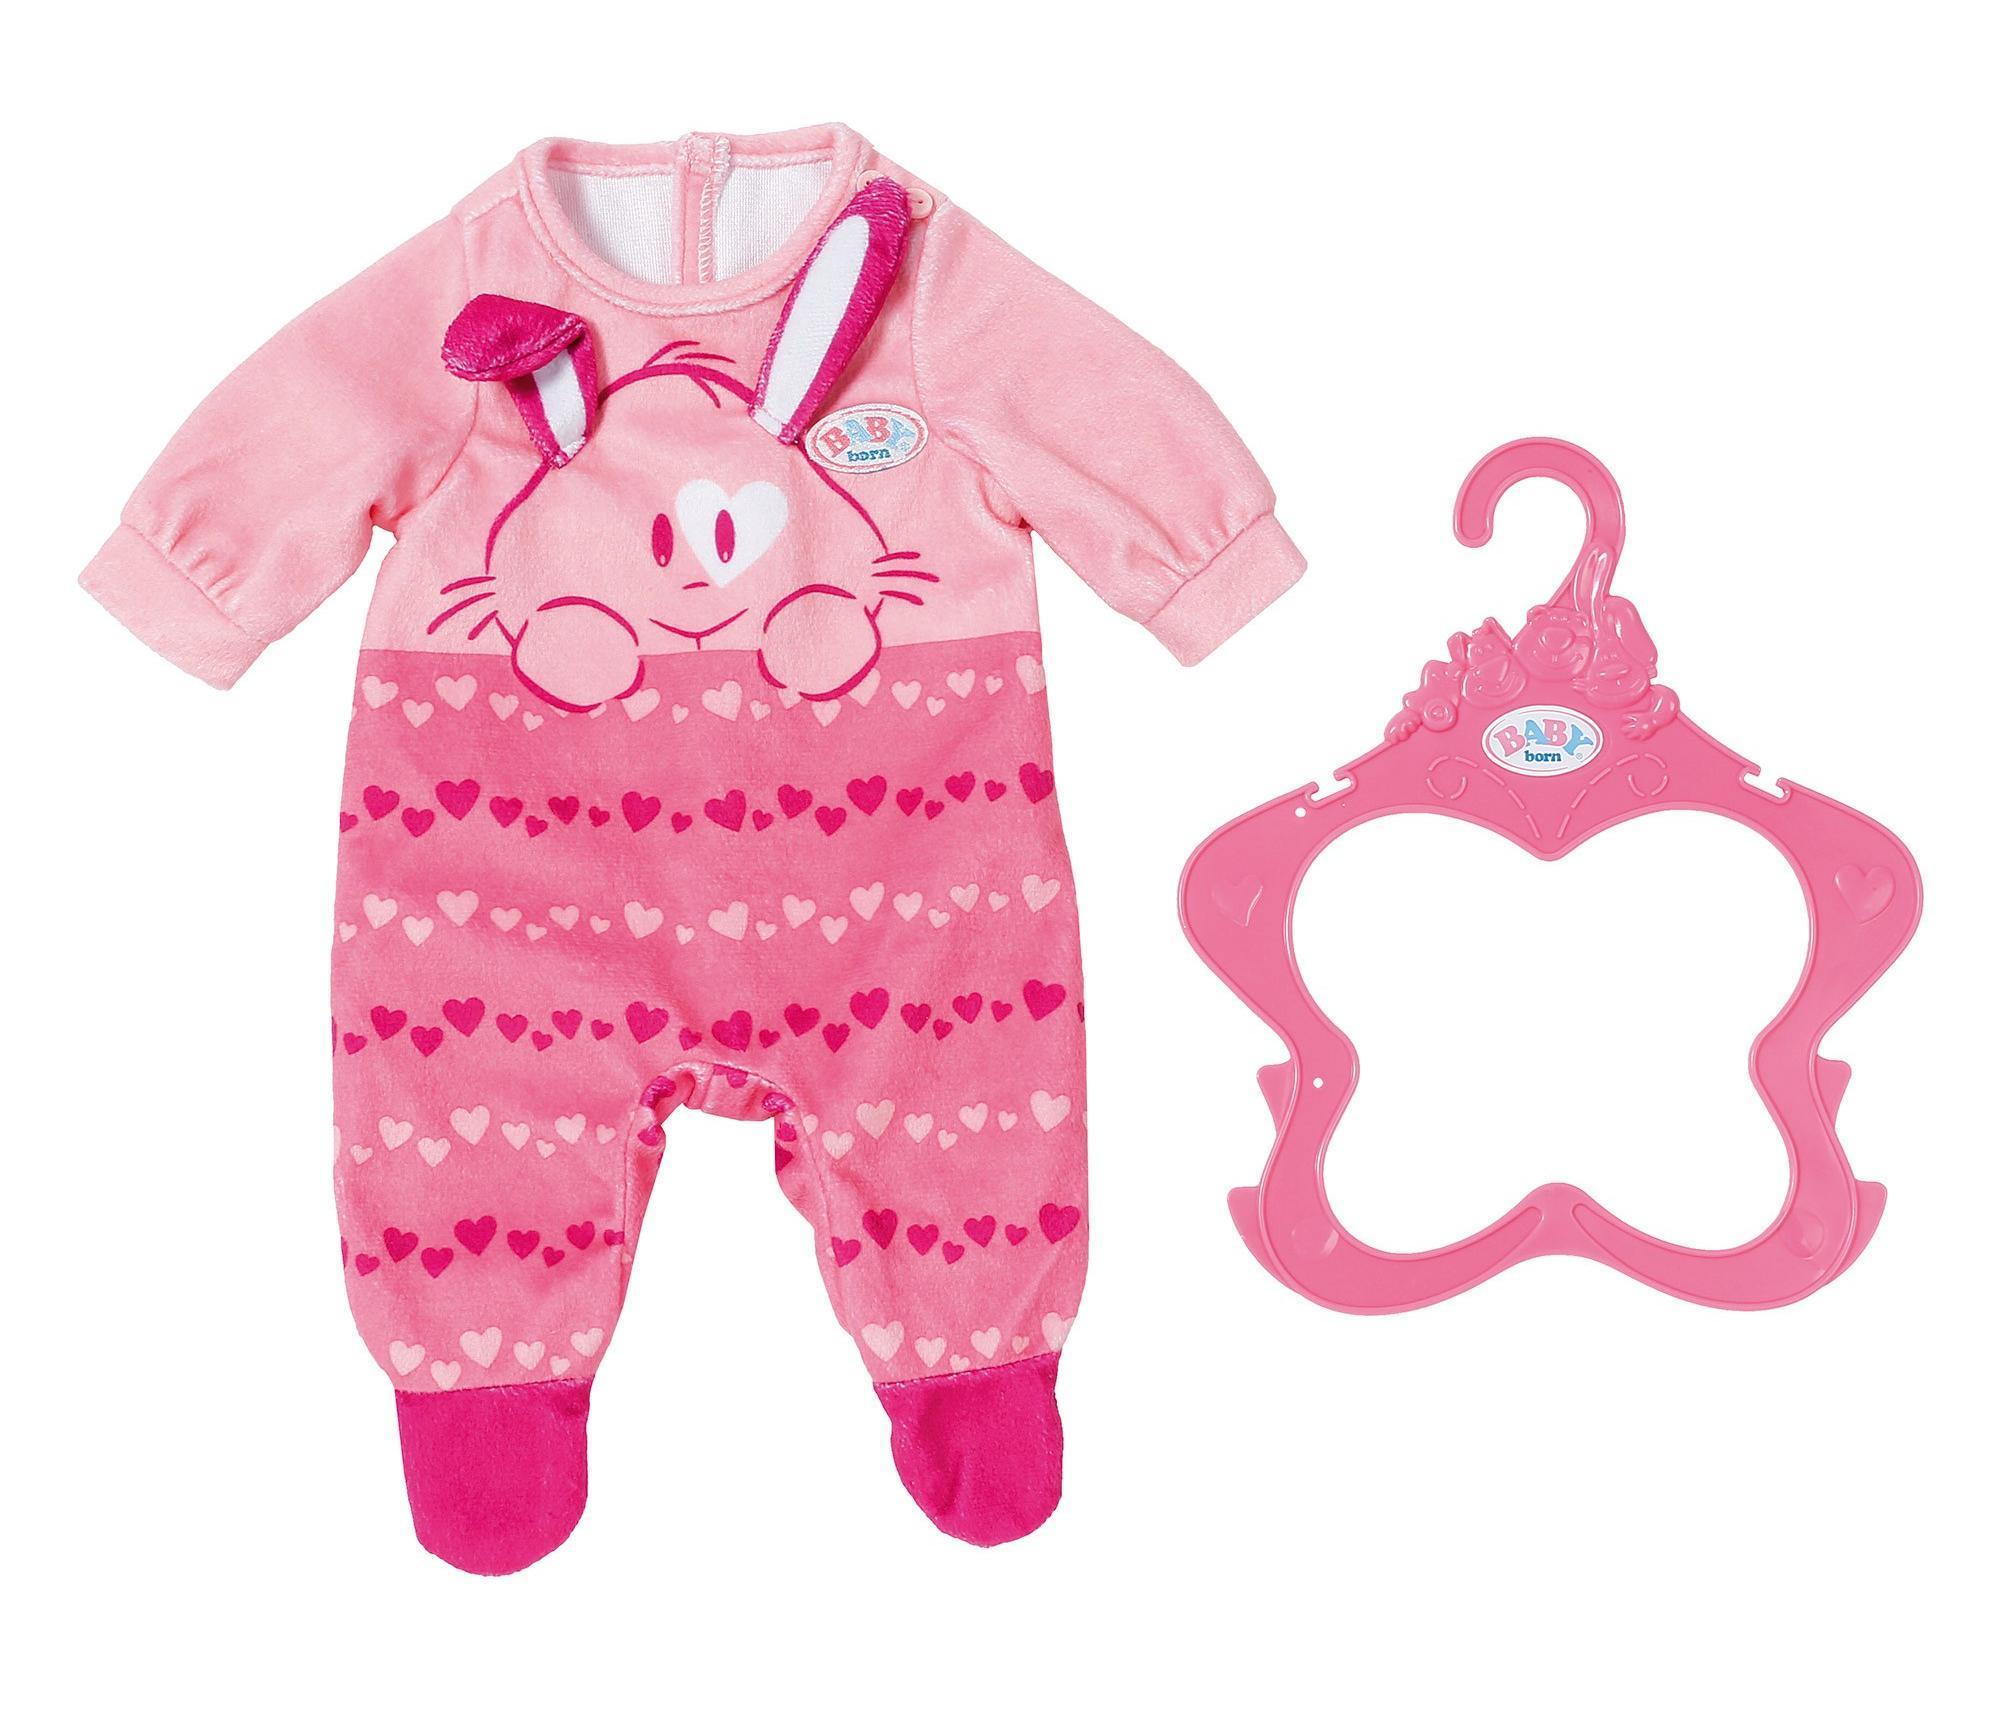 Комбинезончик BABY born для куклы 43 см, розовый